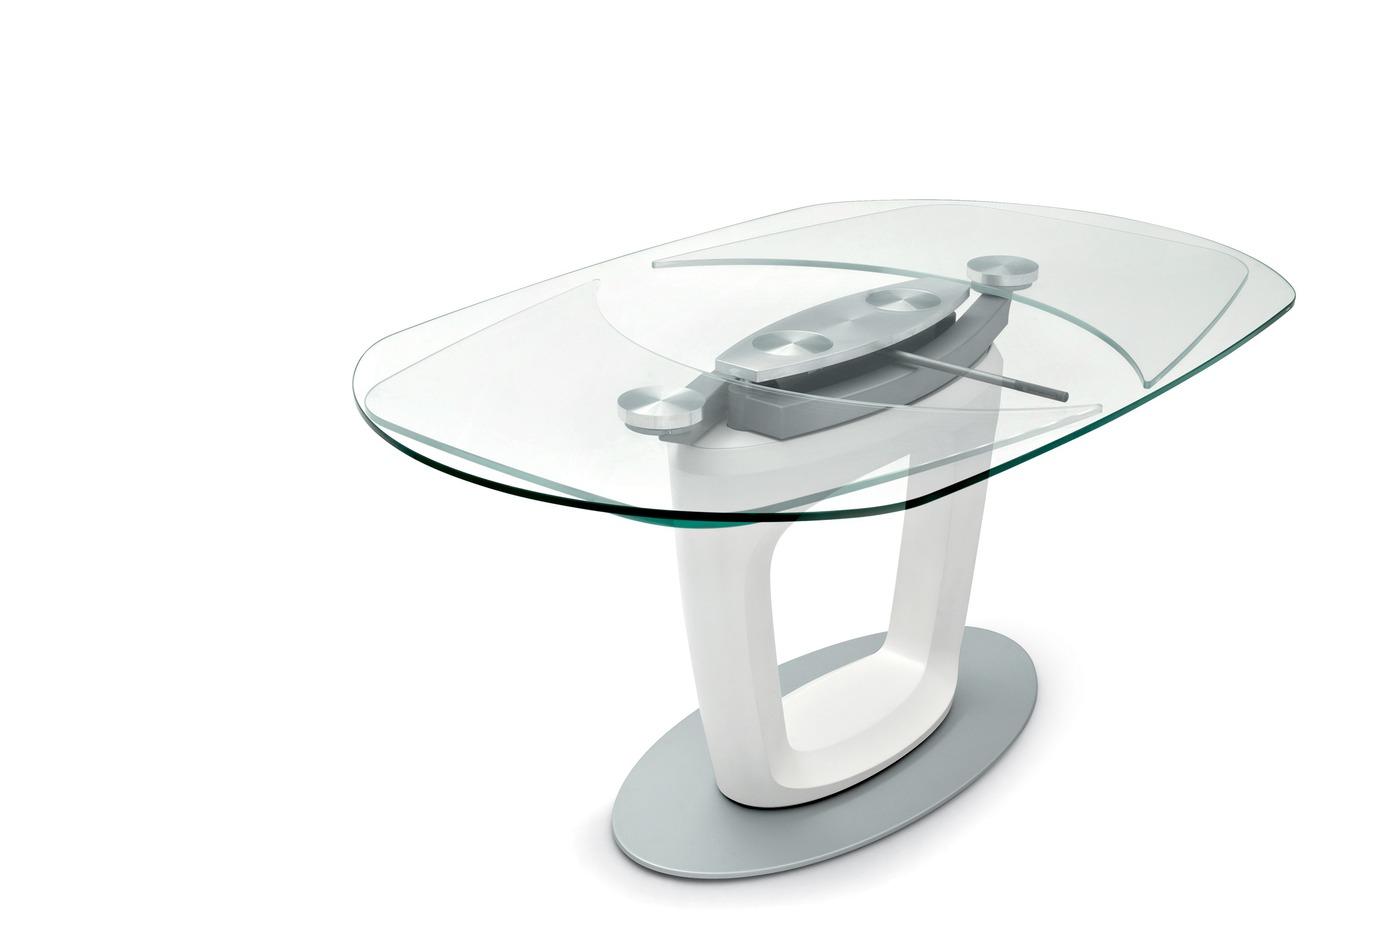 Orbital tavolo firmato pininfarina calligaris table by - Calligaris tavolo orbital ...